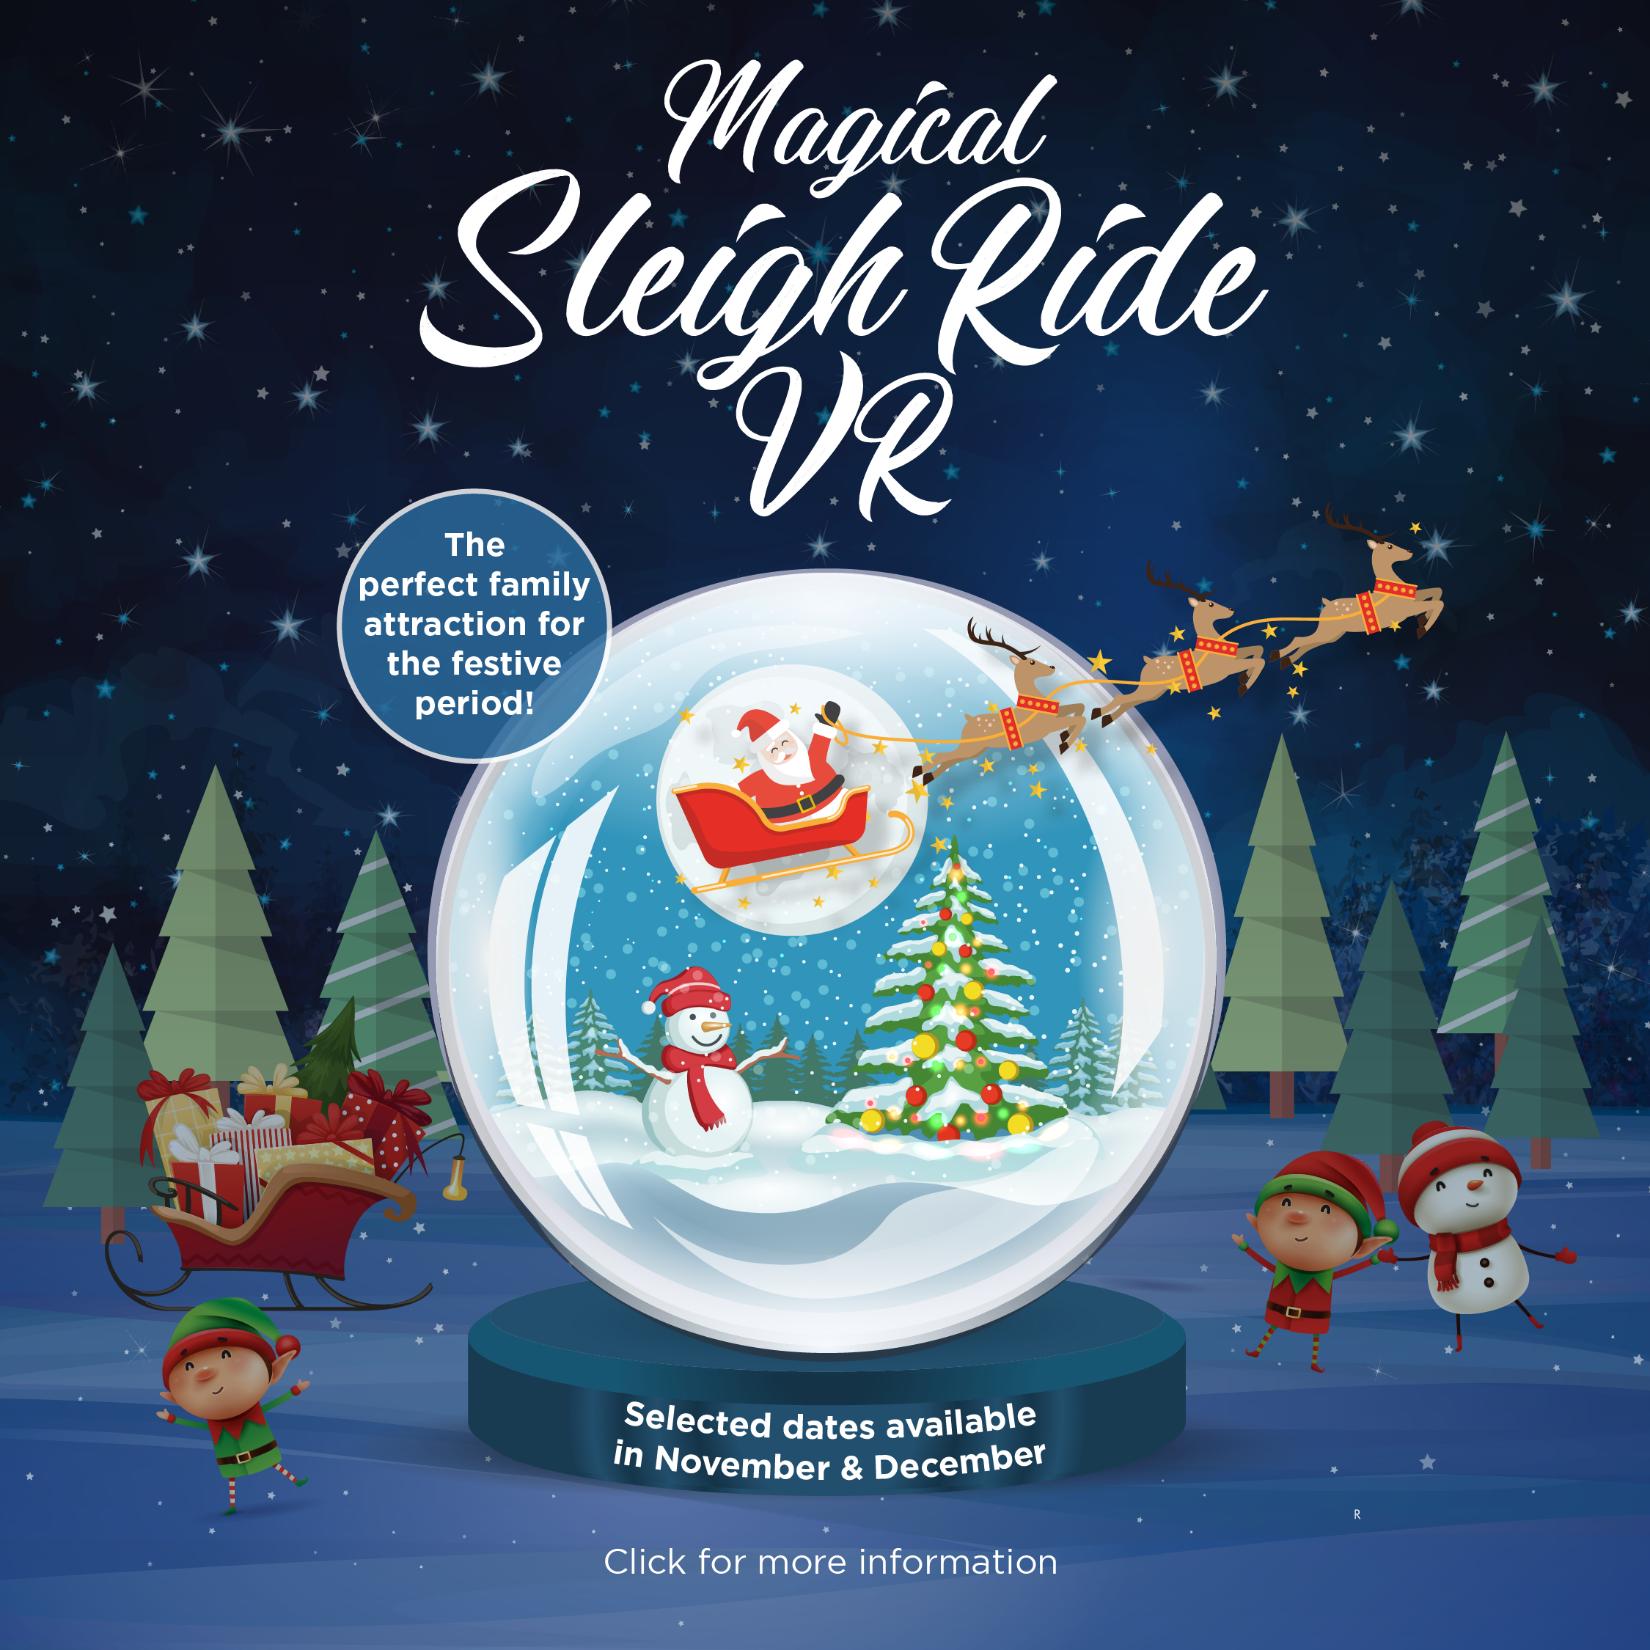 Meet Santa and ride his Magical Sleigh Ride VR